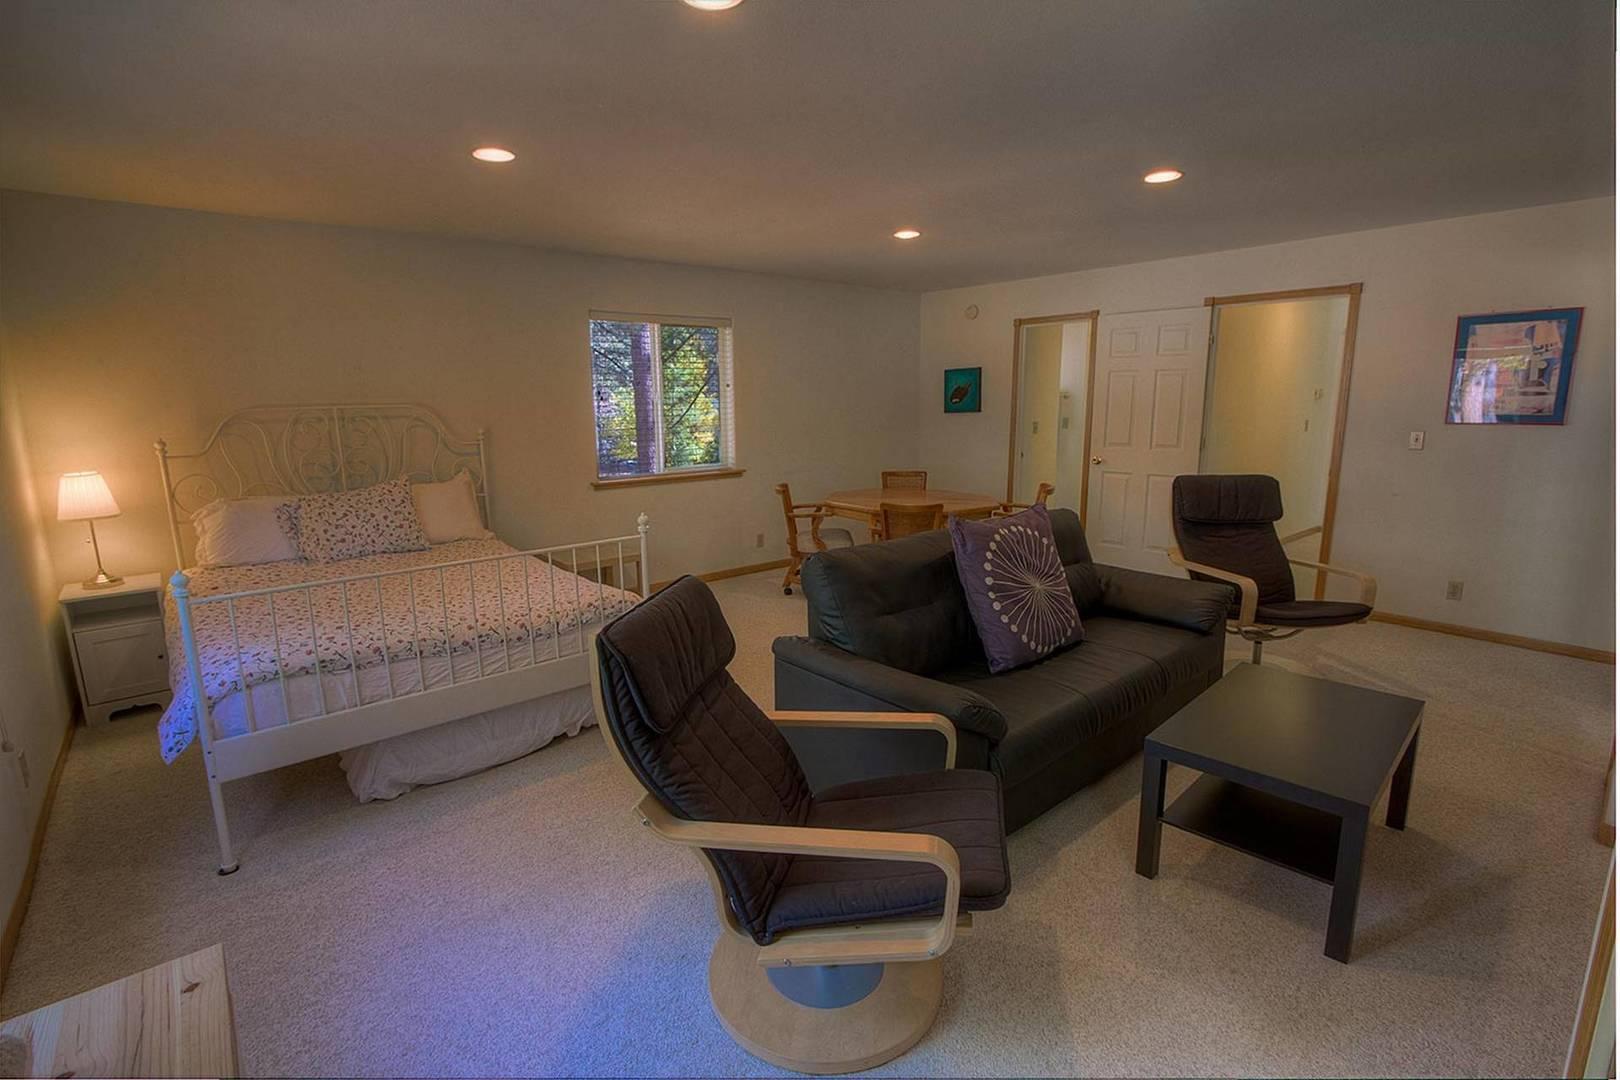 COH0887 Bedroom